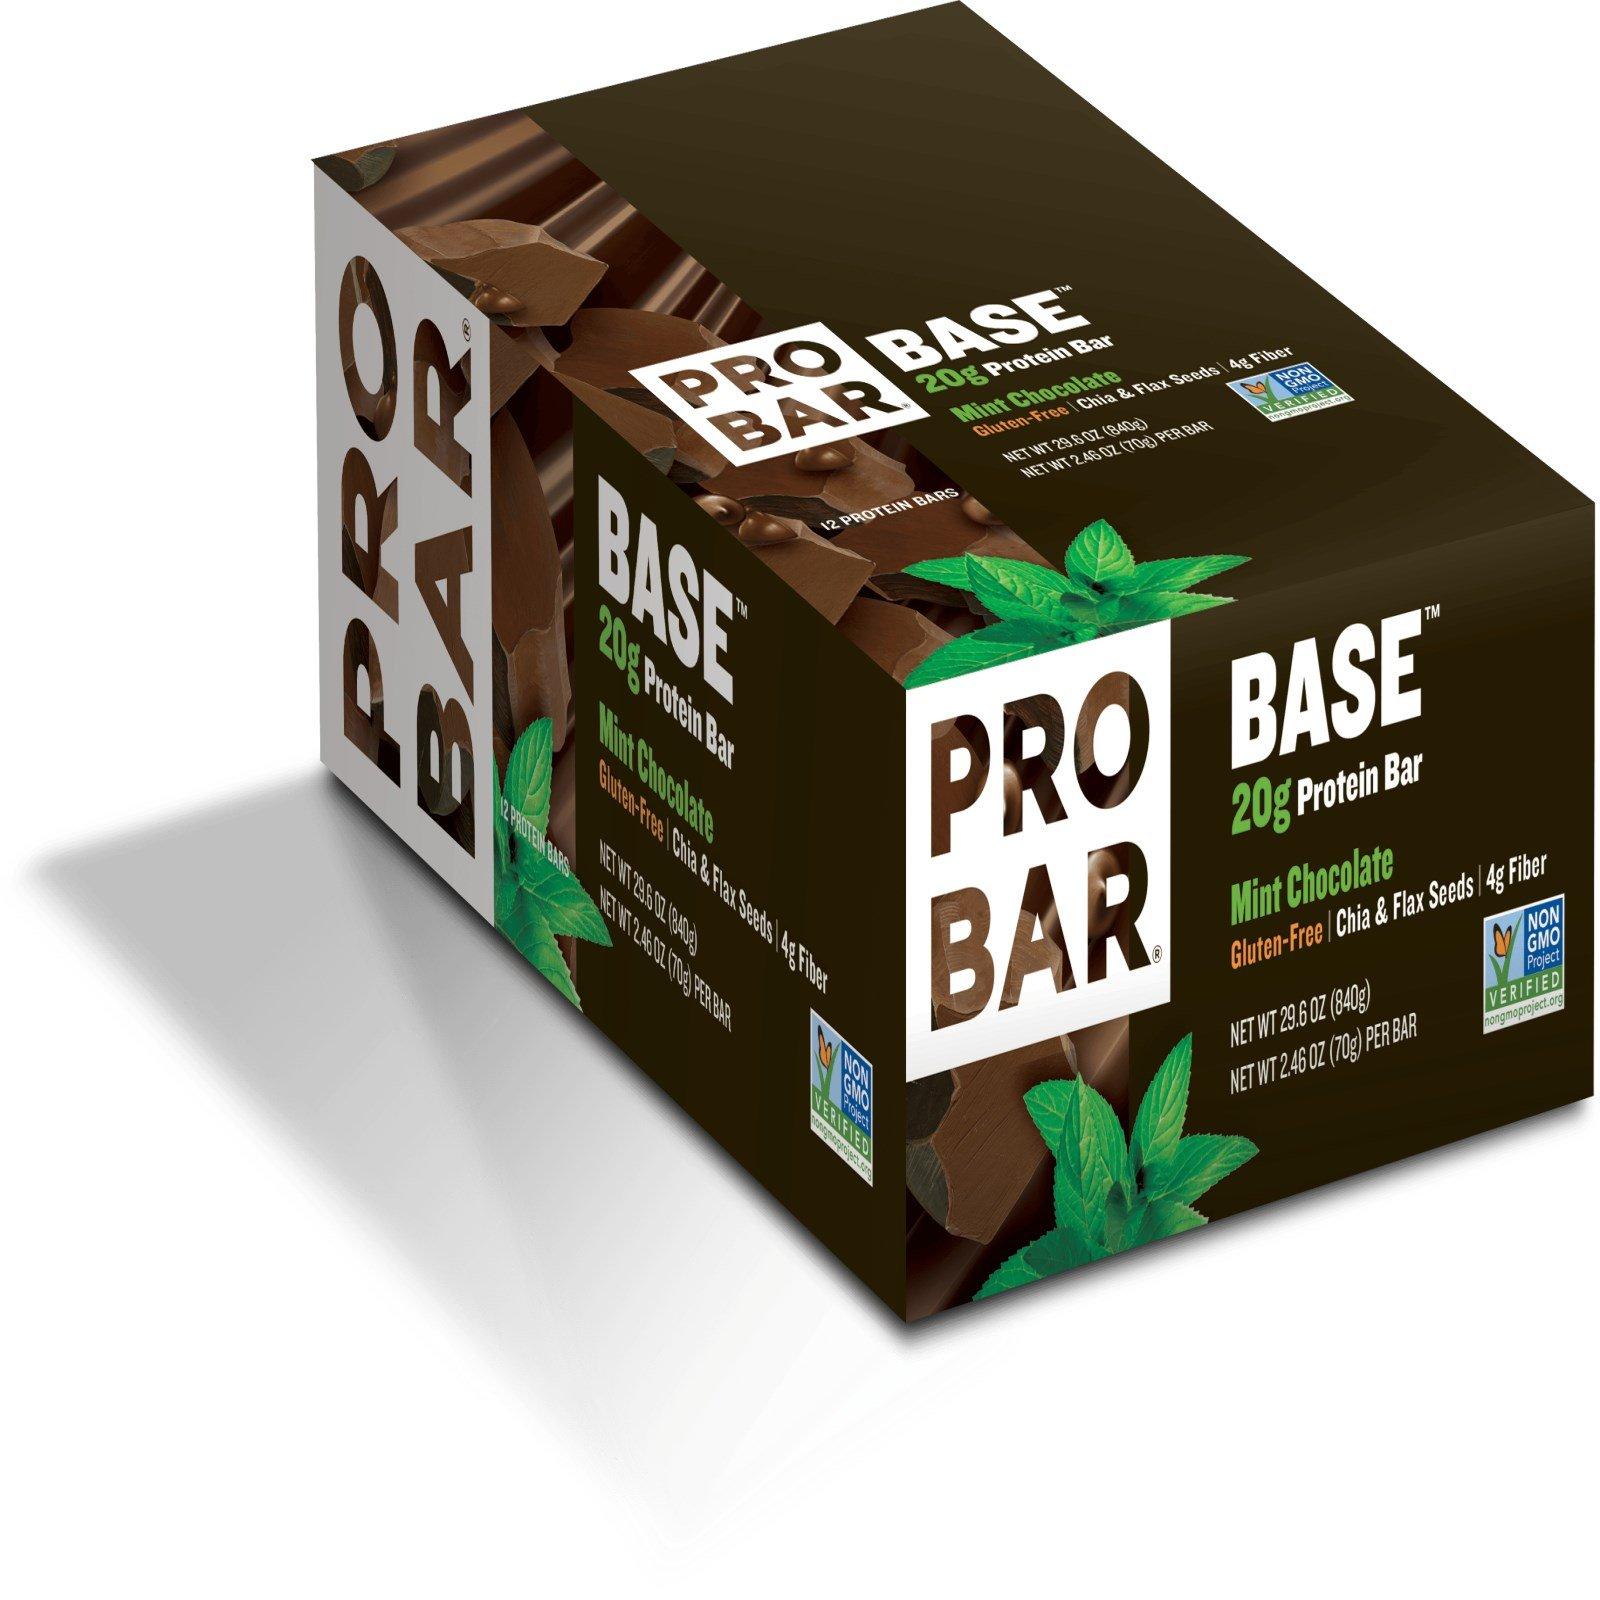 ProBar, Base, 20 g Protein Bar, Mint Chocolate, 12 Bars, 2.46 oz (70 g) Each - 3PC by Probar